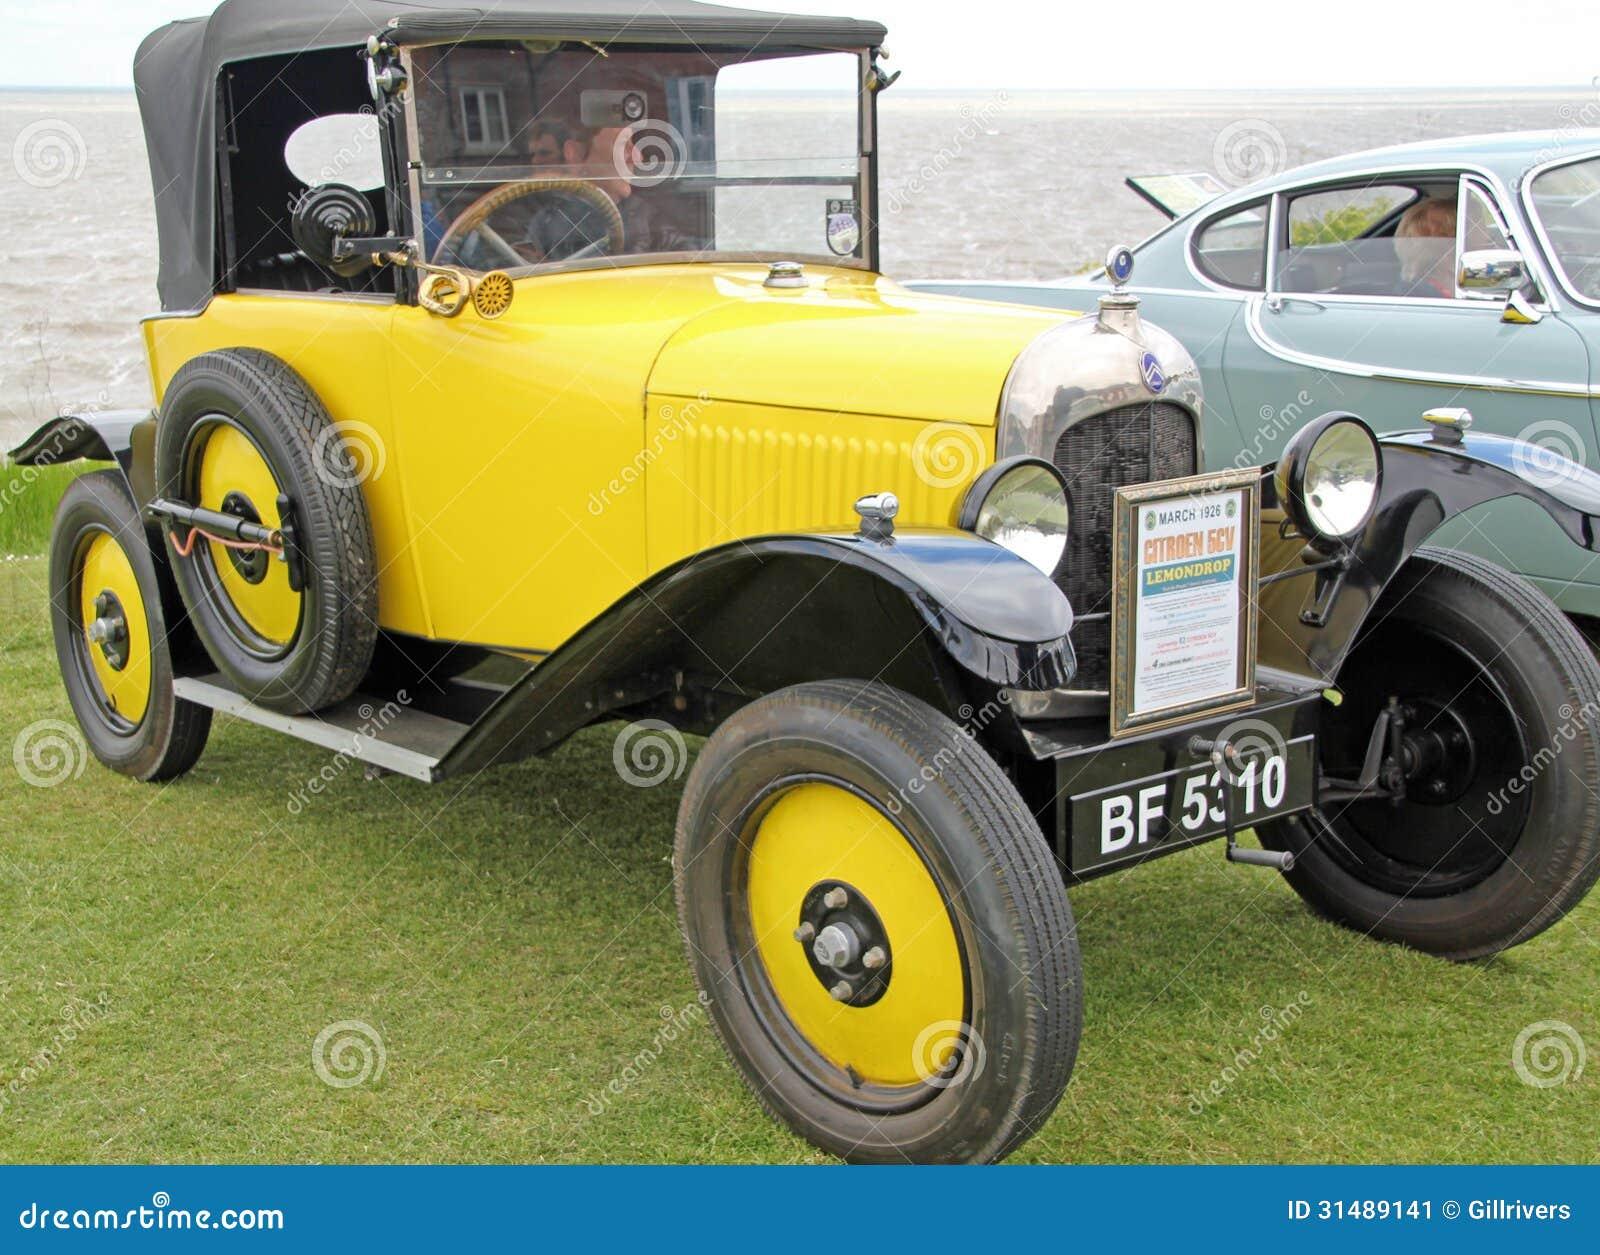 shows a classic Citroen Lemondrop car on show at the Vintage Classic ...